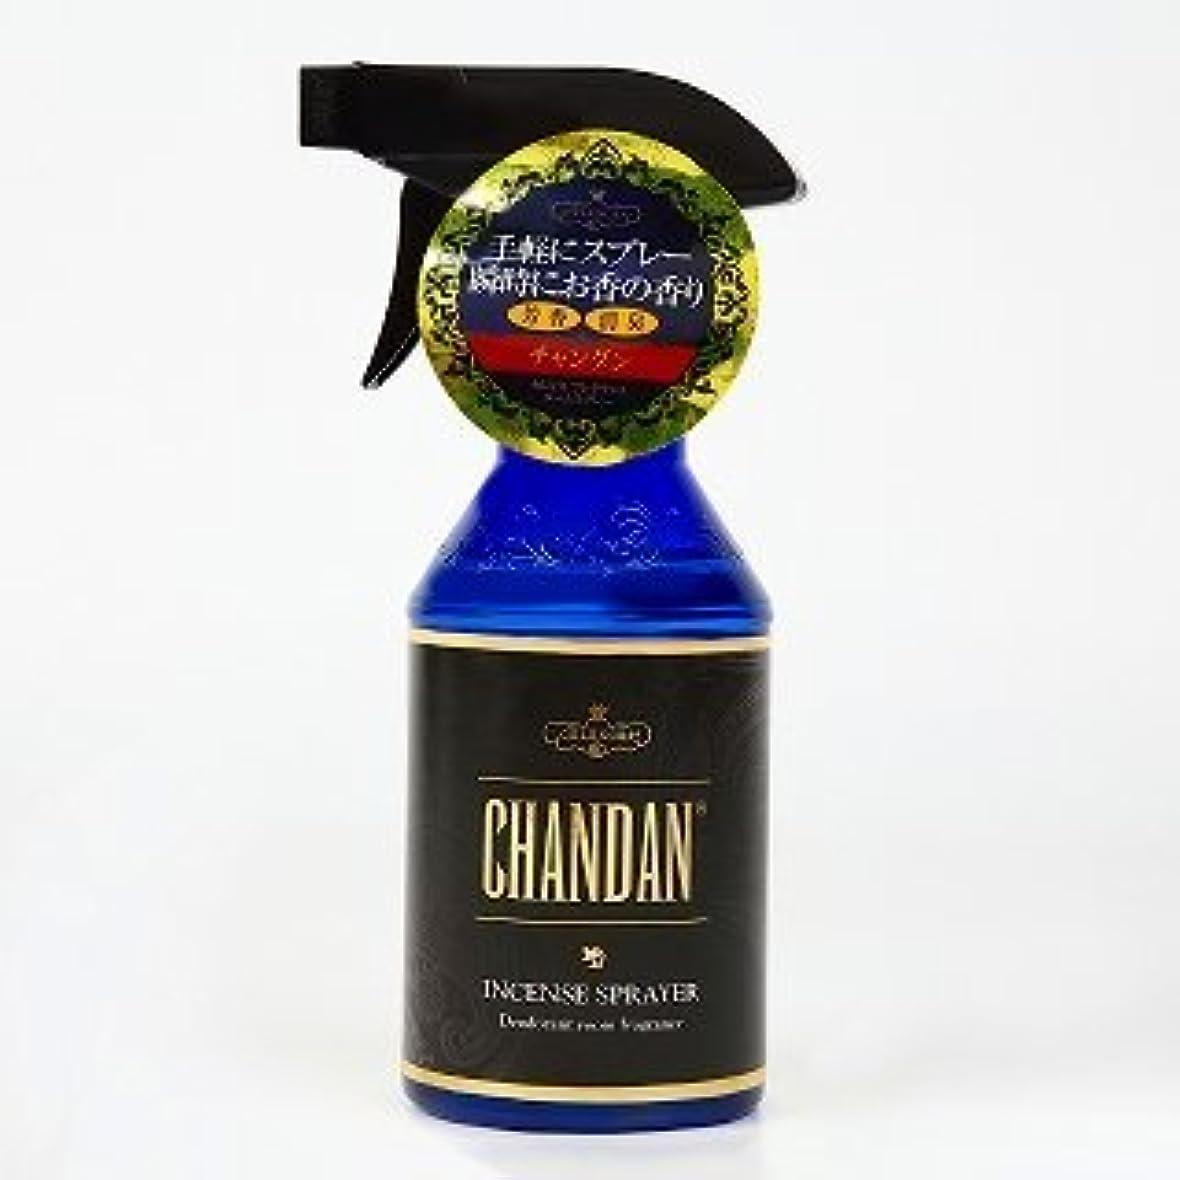 励起アジャと組むお香の香りの芳香剤 セレンスフレグランスルームスプレー チャンダン